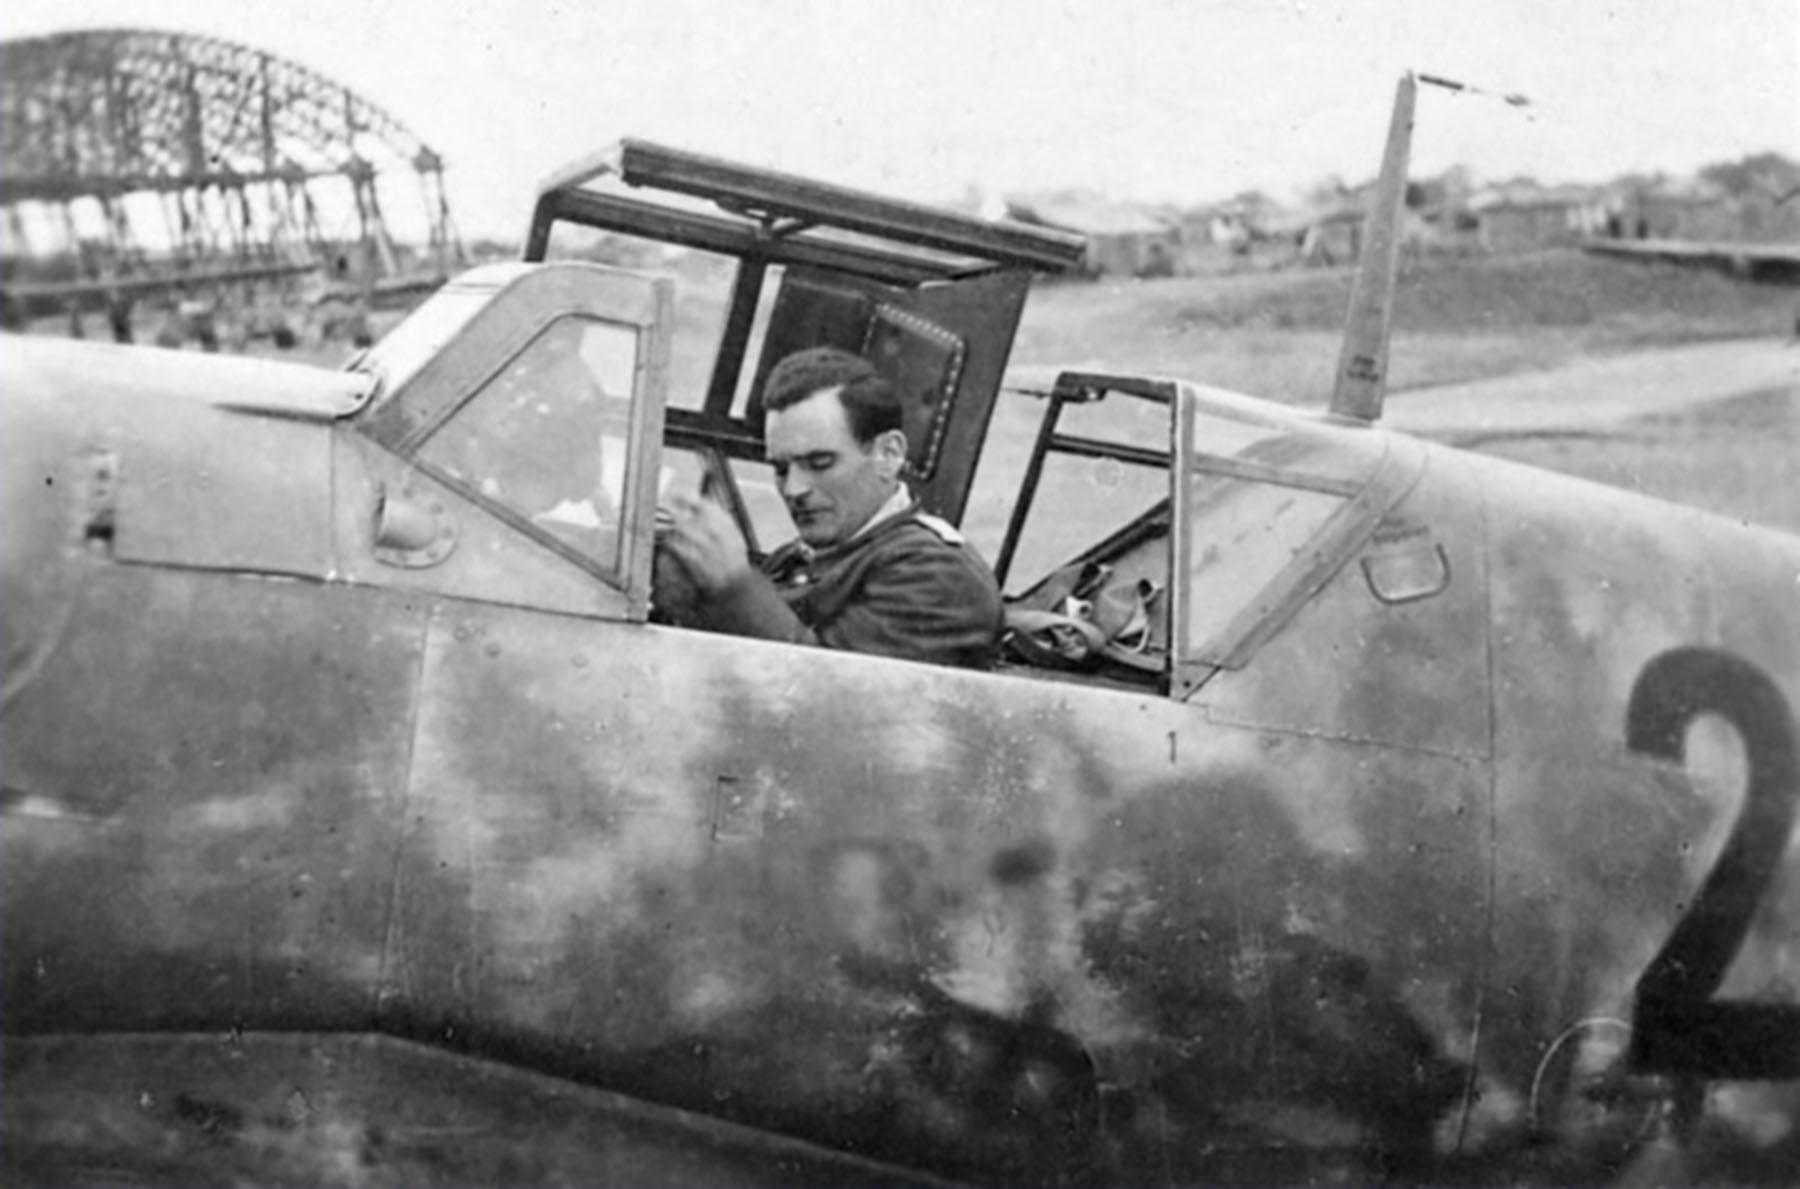 Messerschmitt Bf 109G6R6 Reichsverteidigung Black 2 unknown unit and pilot 02